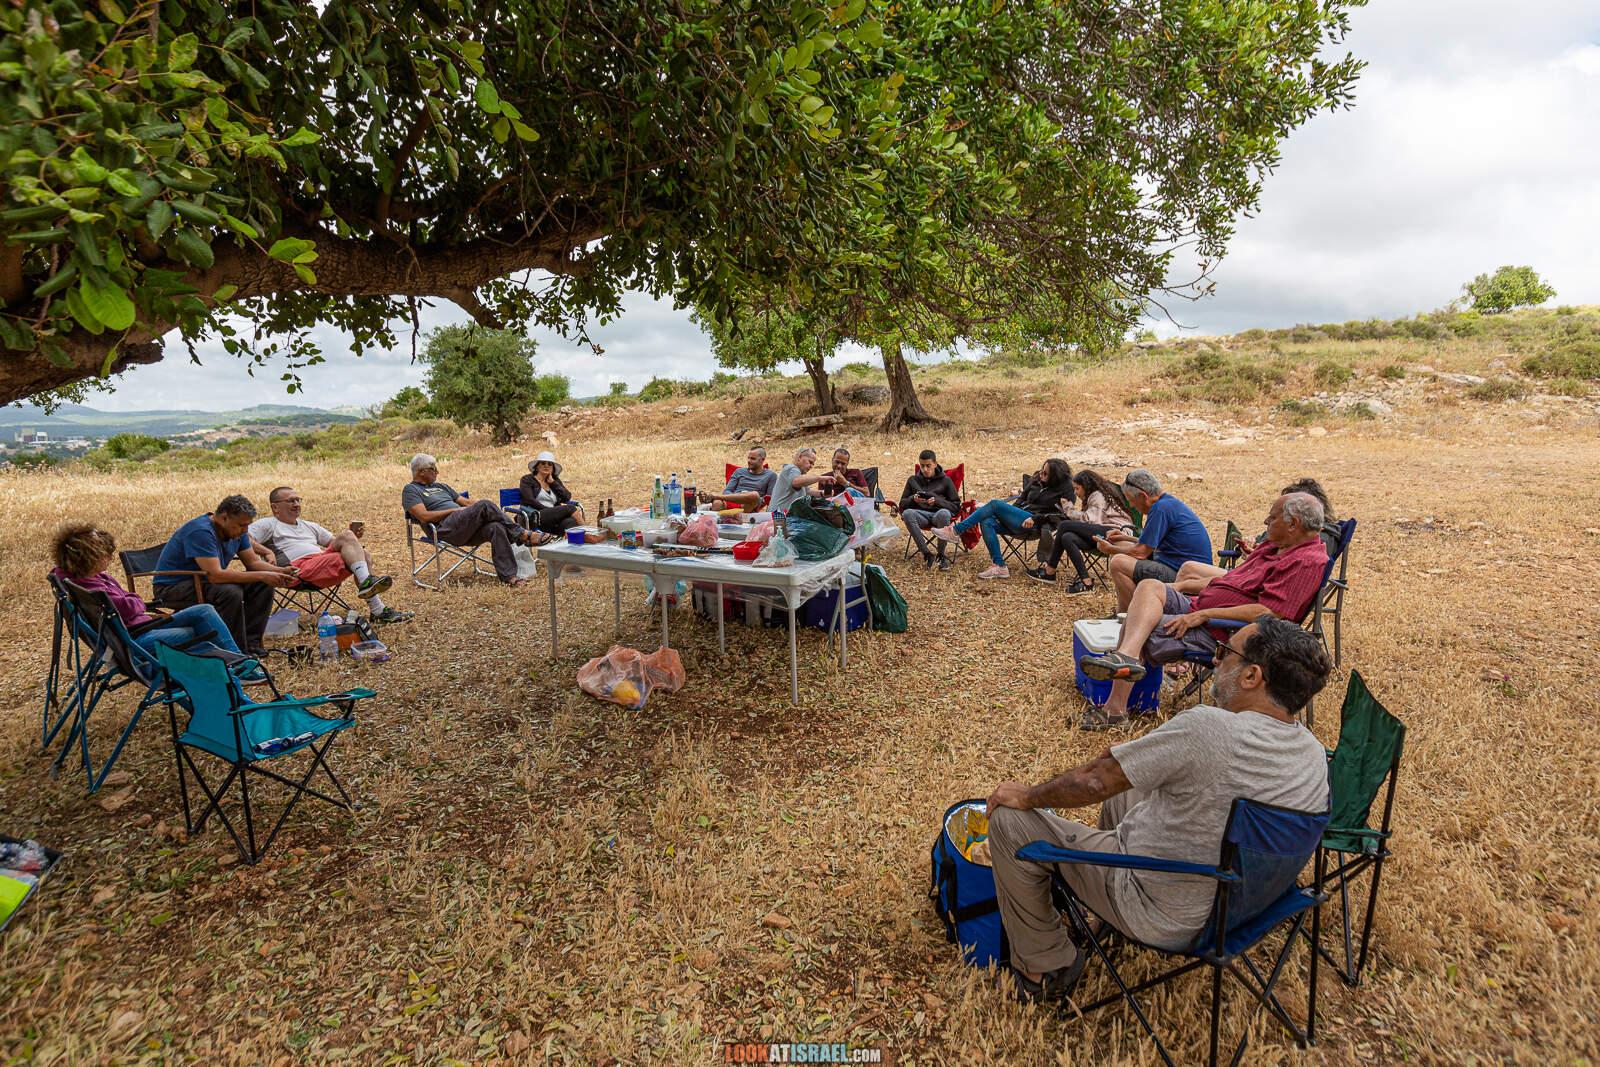 Путешествие по Галилее. Гора Гамаль (верблюд), Гора Бетах, голубиная пещера, Таршиха и кемпинг в парке Горен   LookAtIsrael.com - Фото путешествия по Израилю